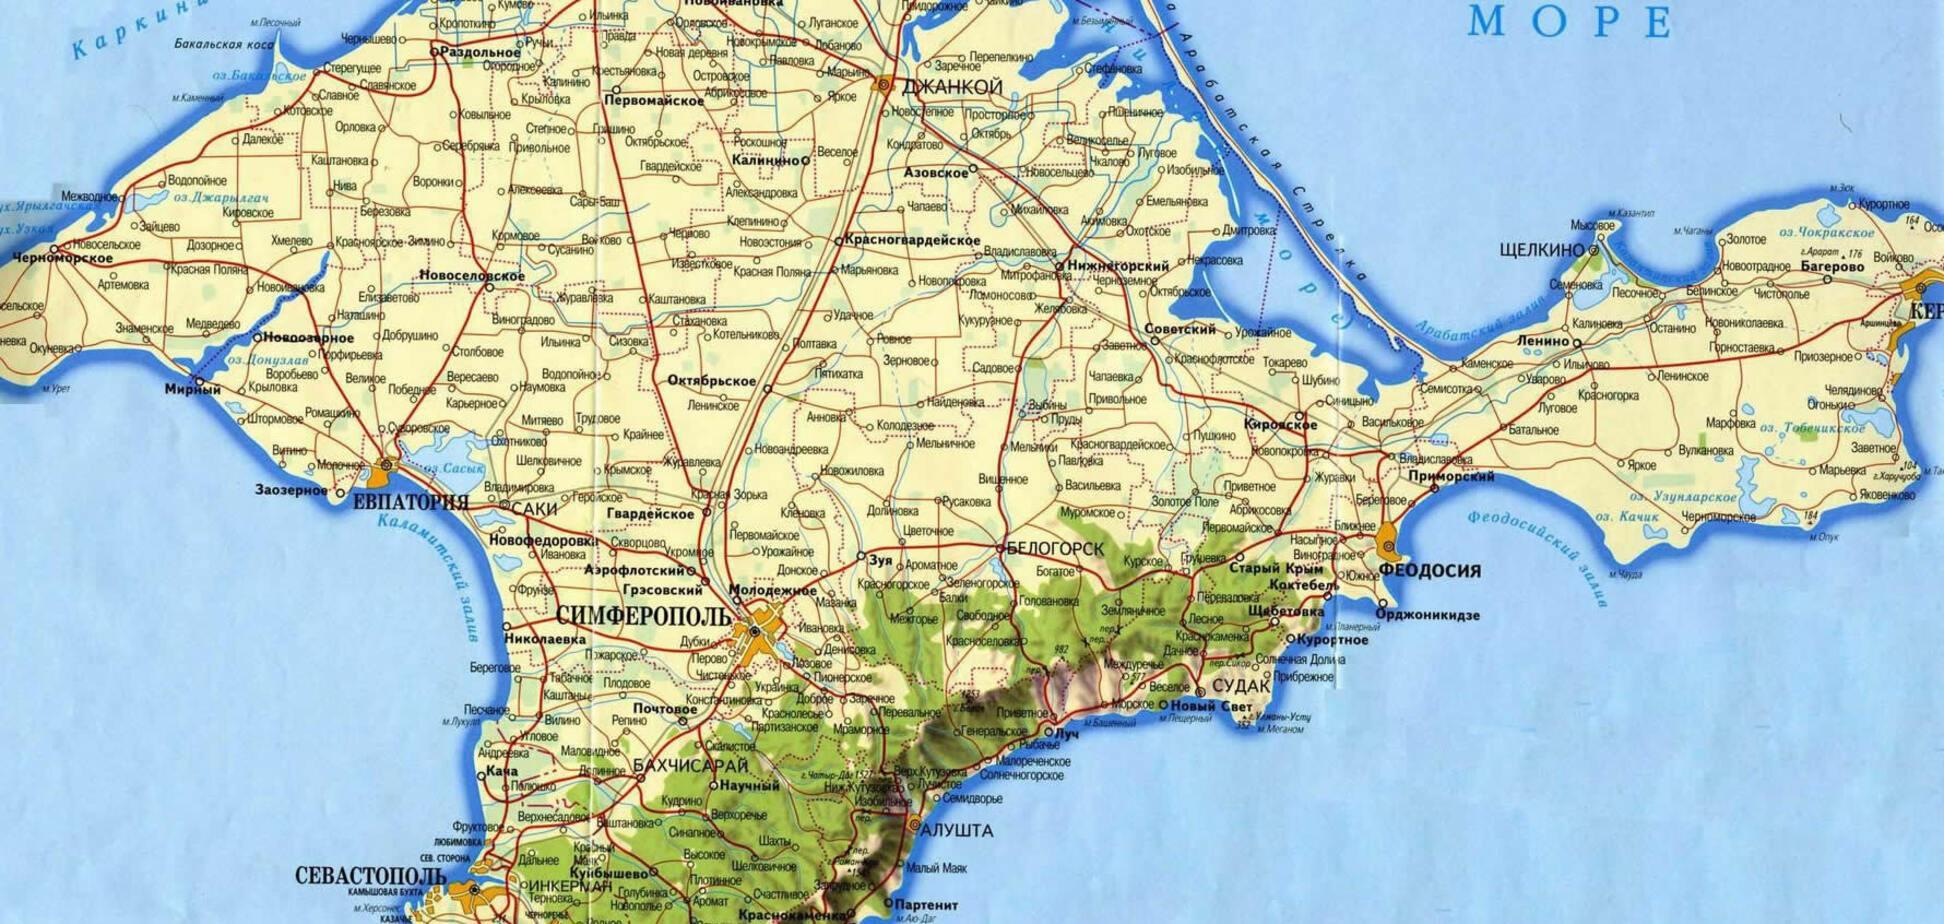 Скандал із New York Times: у газеті відреагували на 'неукраїнський' Крим